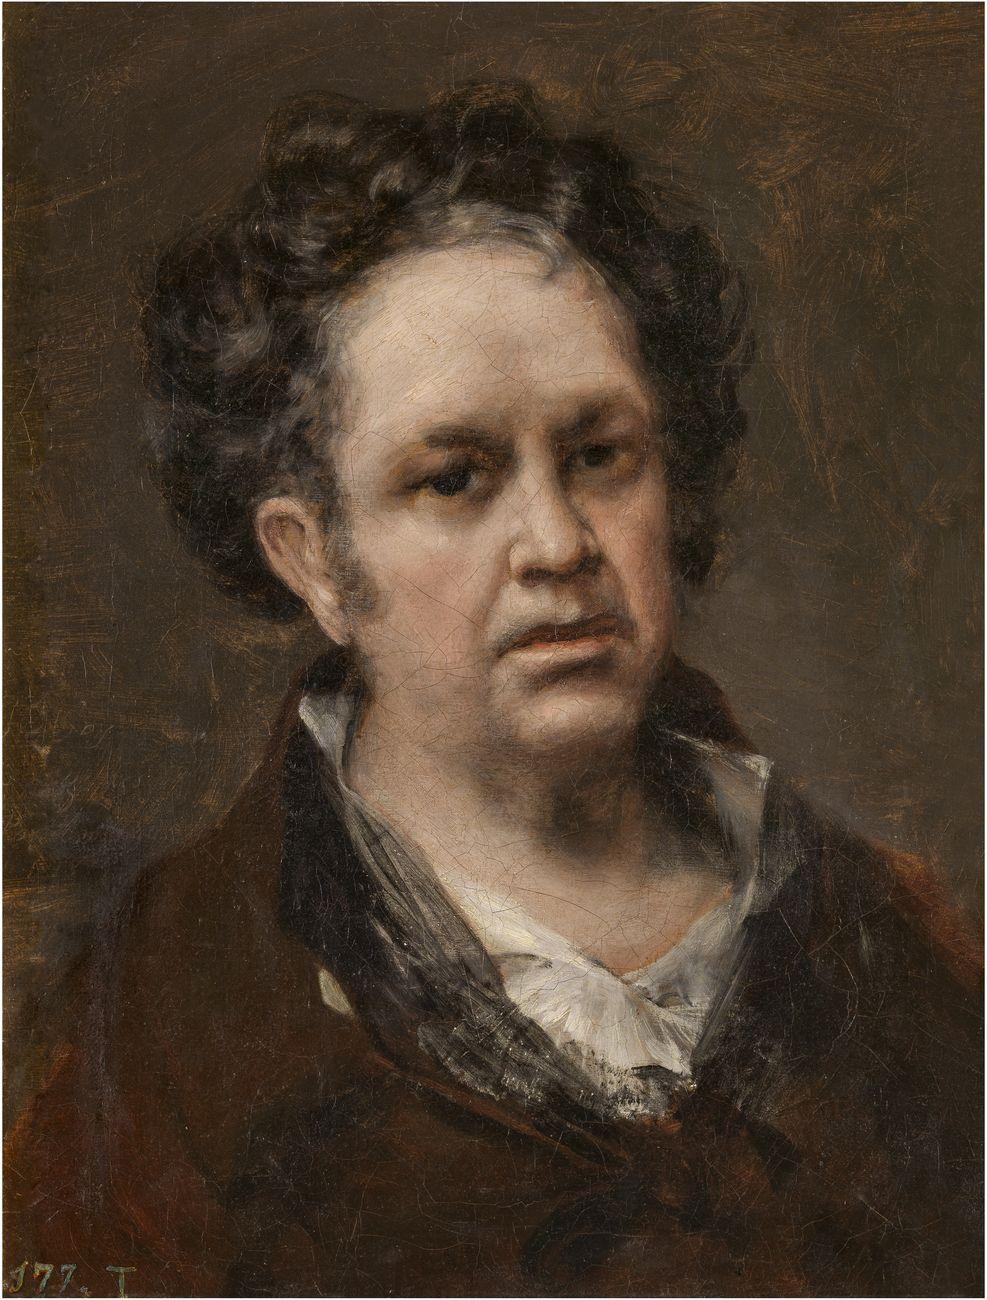 Francisco de Goya, Autorretrato, 1815, olio su tela, 45.8x35.6 cm. Museo Nacional del Prado, Madrid © Photographic Archive. Museo Nacional del Prado. Madrid